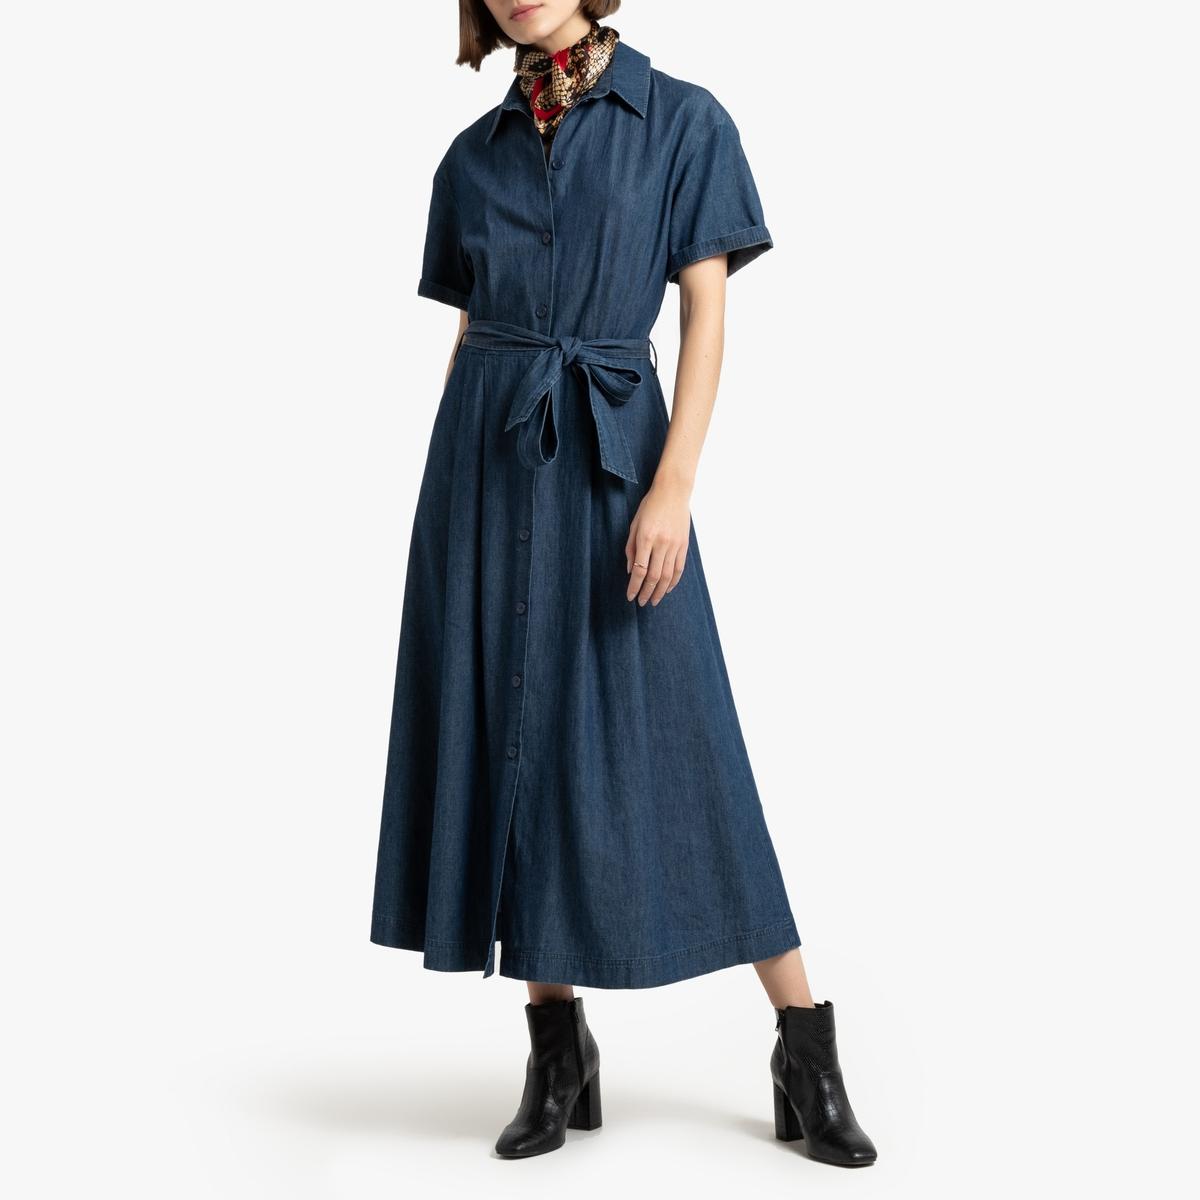 цена Платье-рубашка La Redoute Длинное из денима 34 (FR) - 40 (RUS) синий онлайн в 2017 году